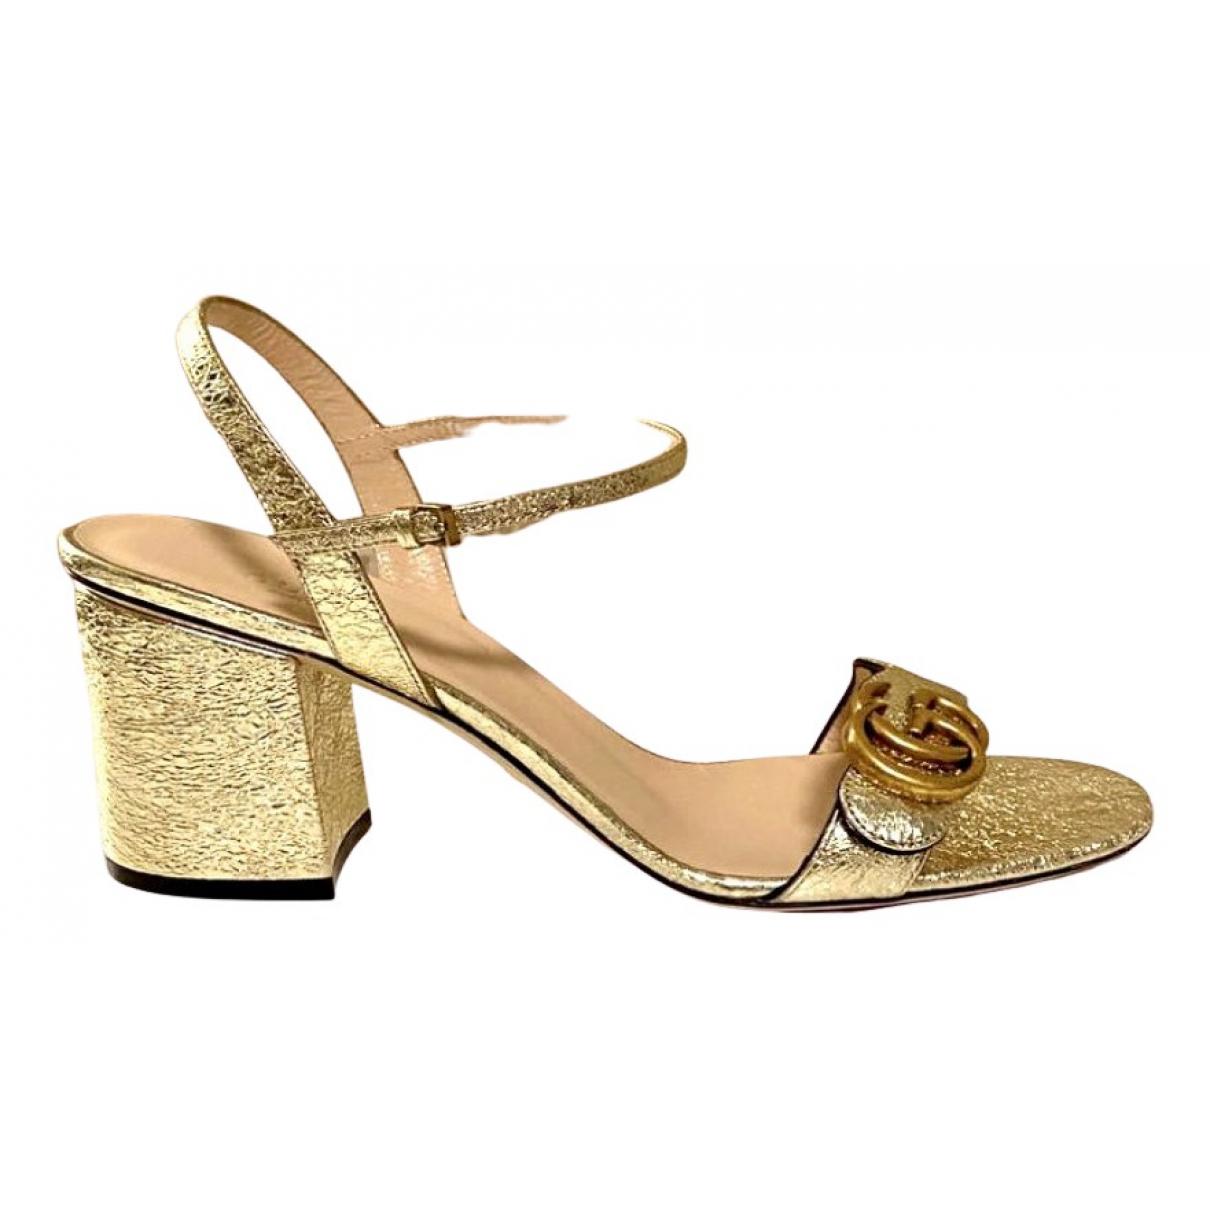 Gucci - Sandales Marmont pour femme en cuir - dore